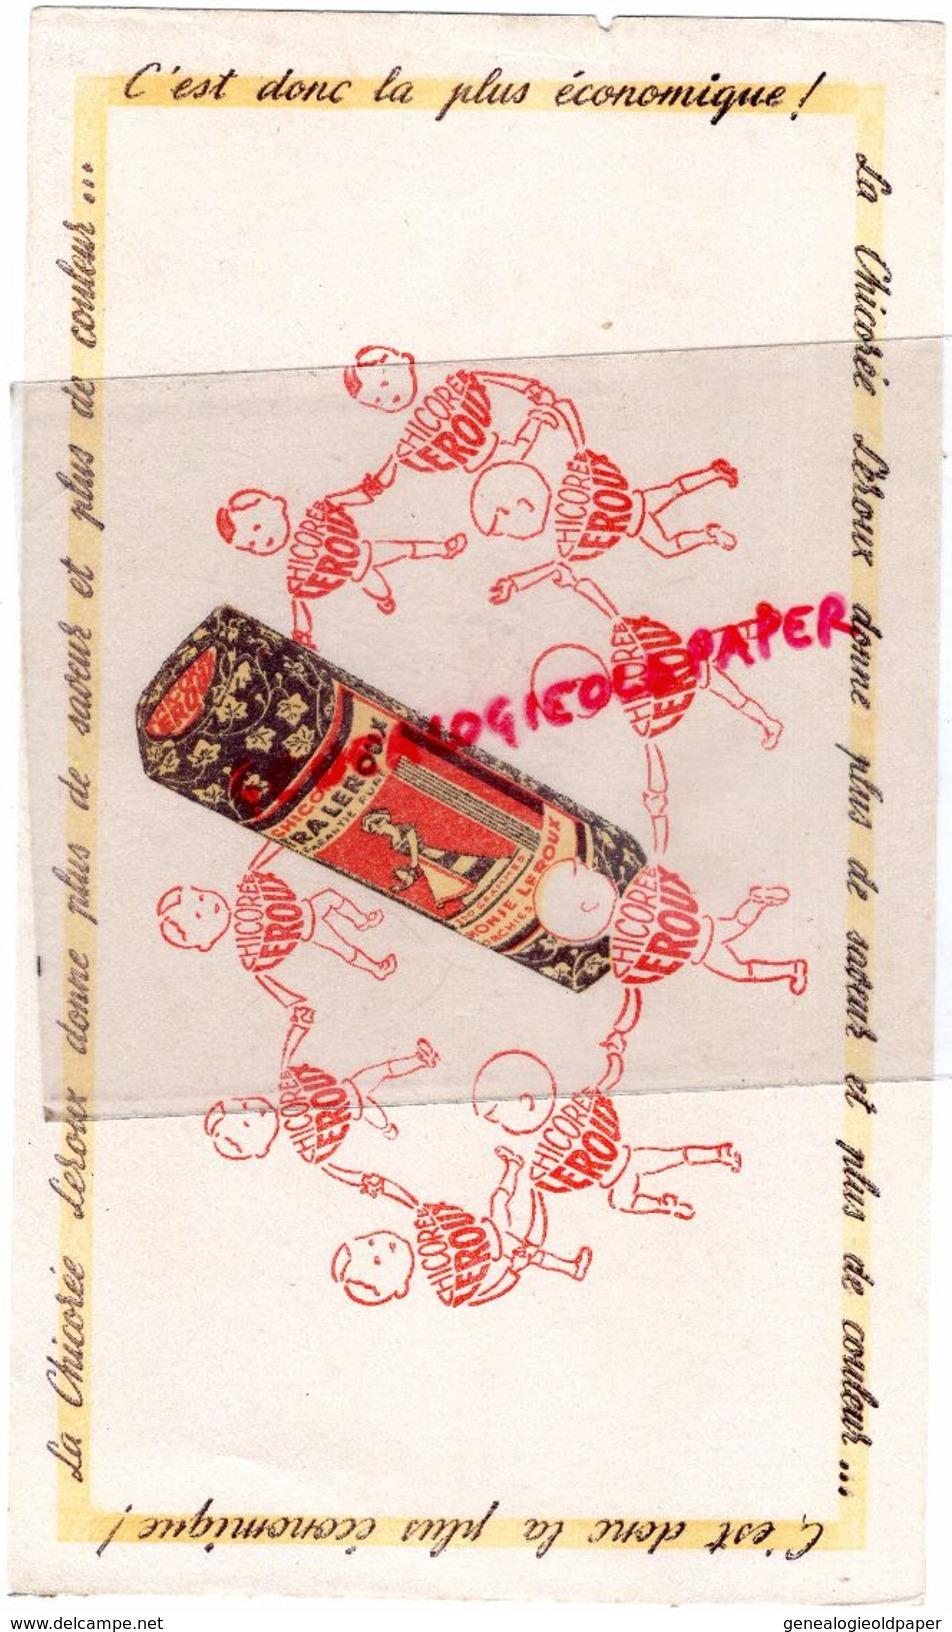 59 - ORCHIES- BUVARD CHICOREE LEROUX - RONDE DANSE D' ENFANTS - Buvards, Protège-cahiers Illustrés